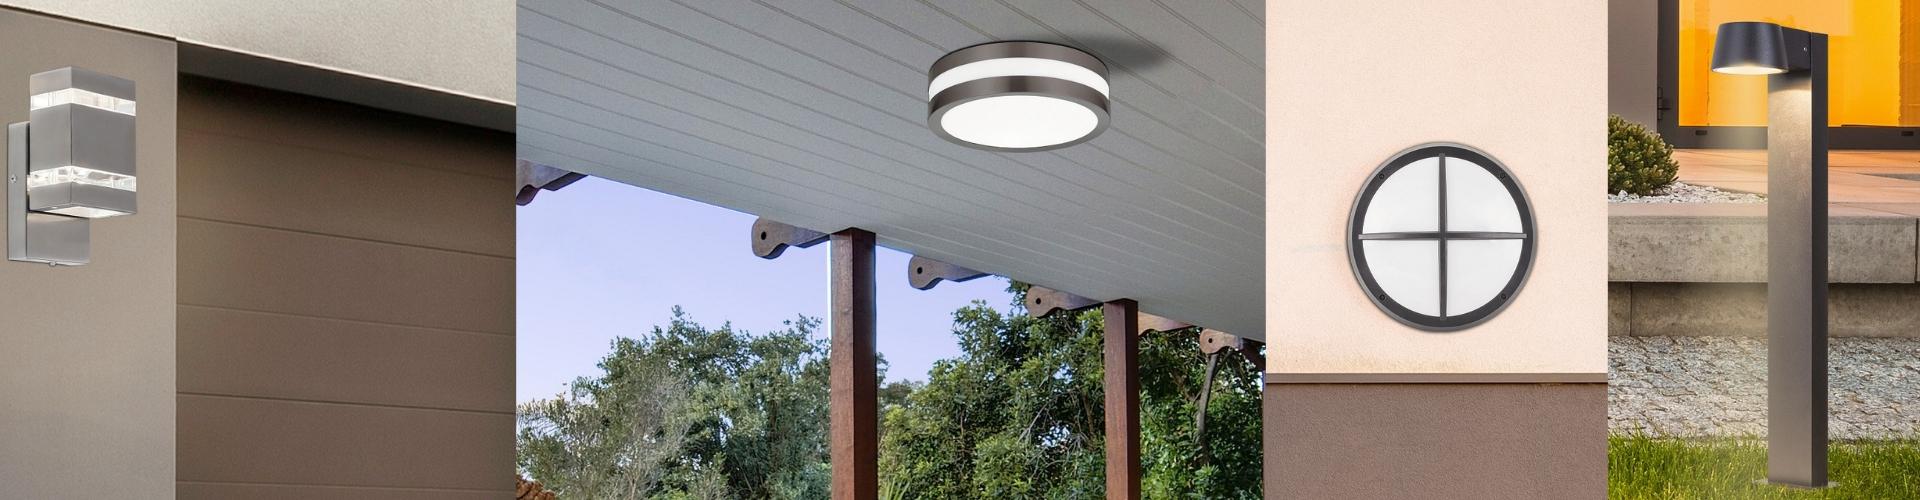 Vonkajšie svetlá so senzorom